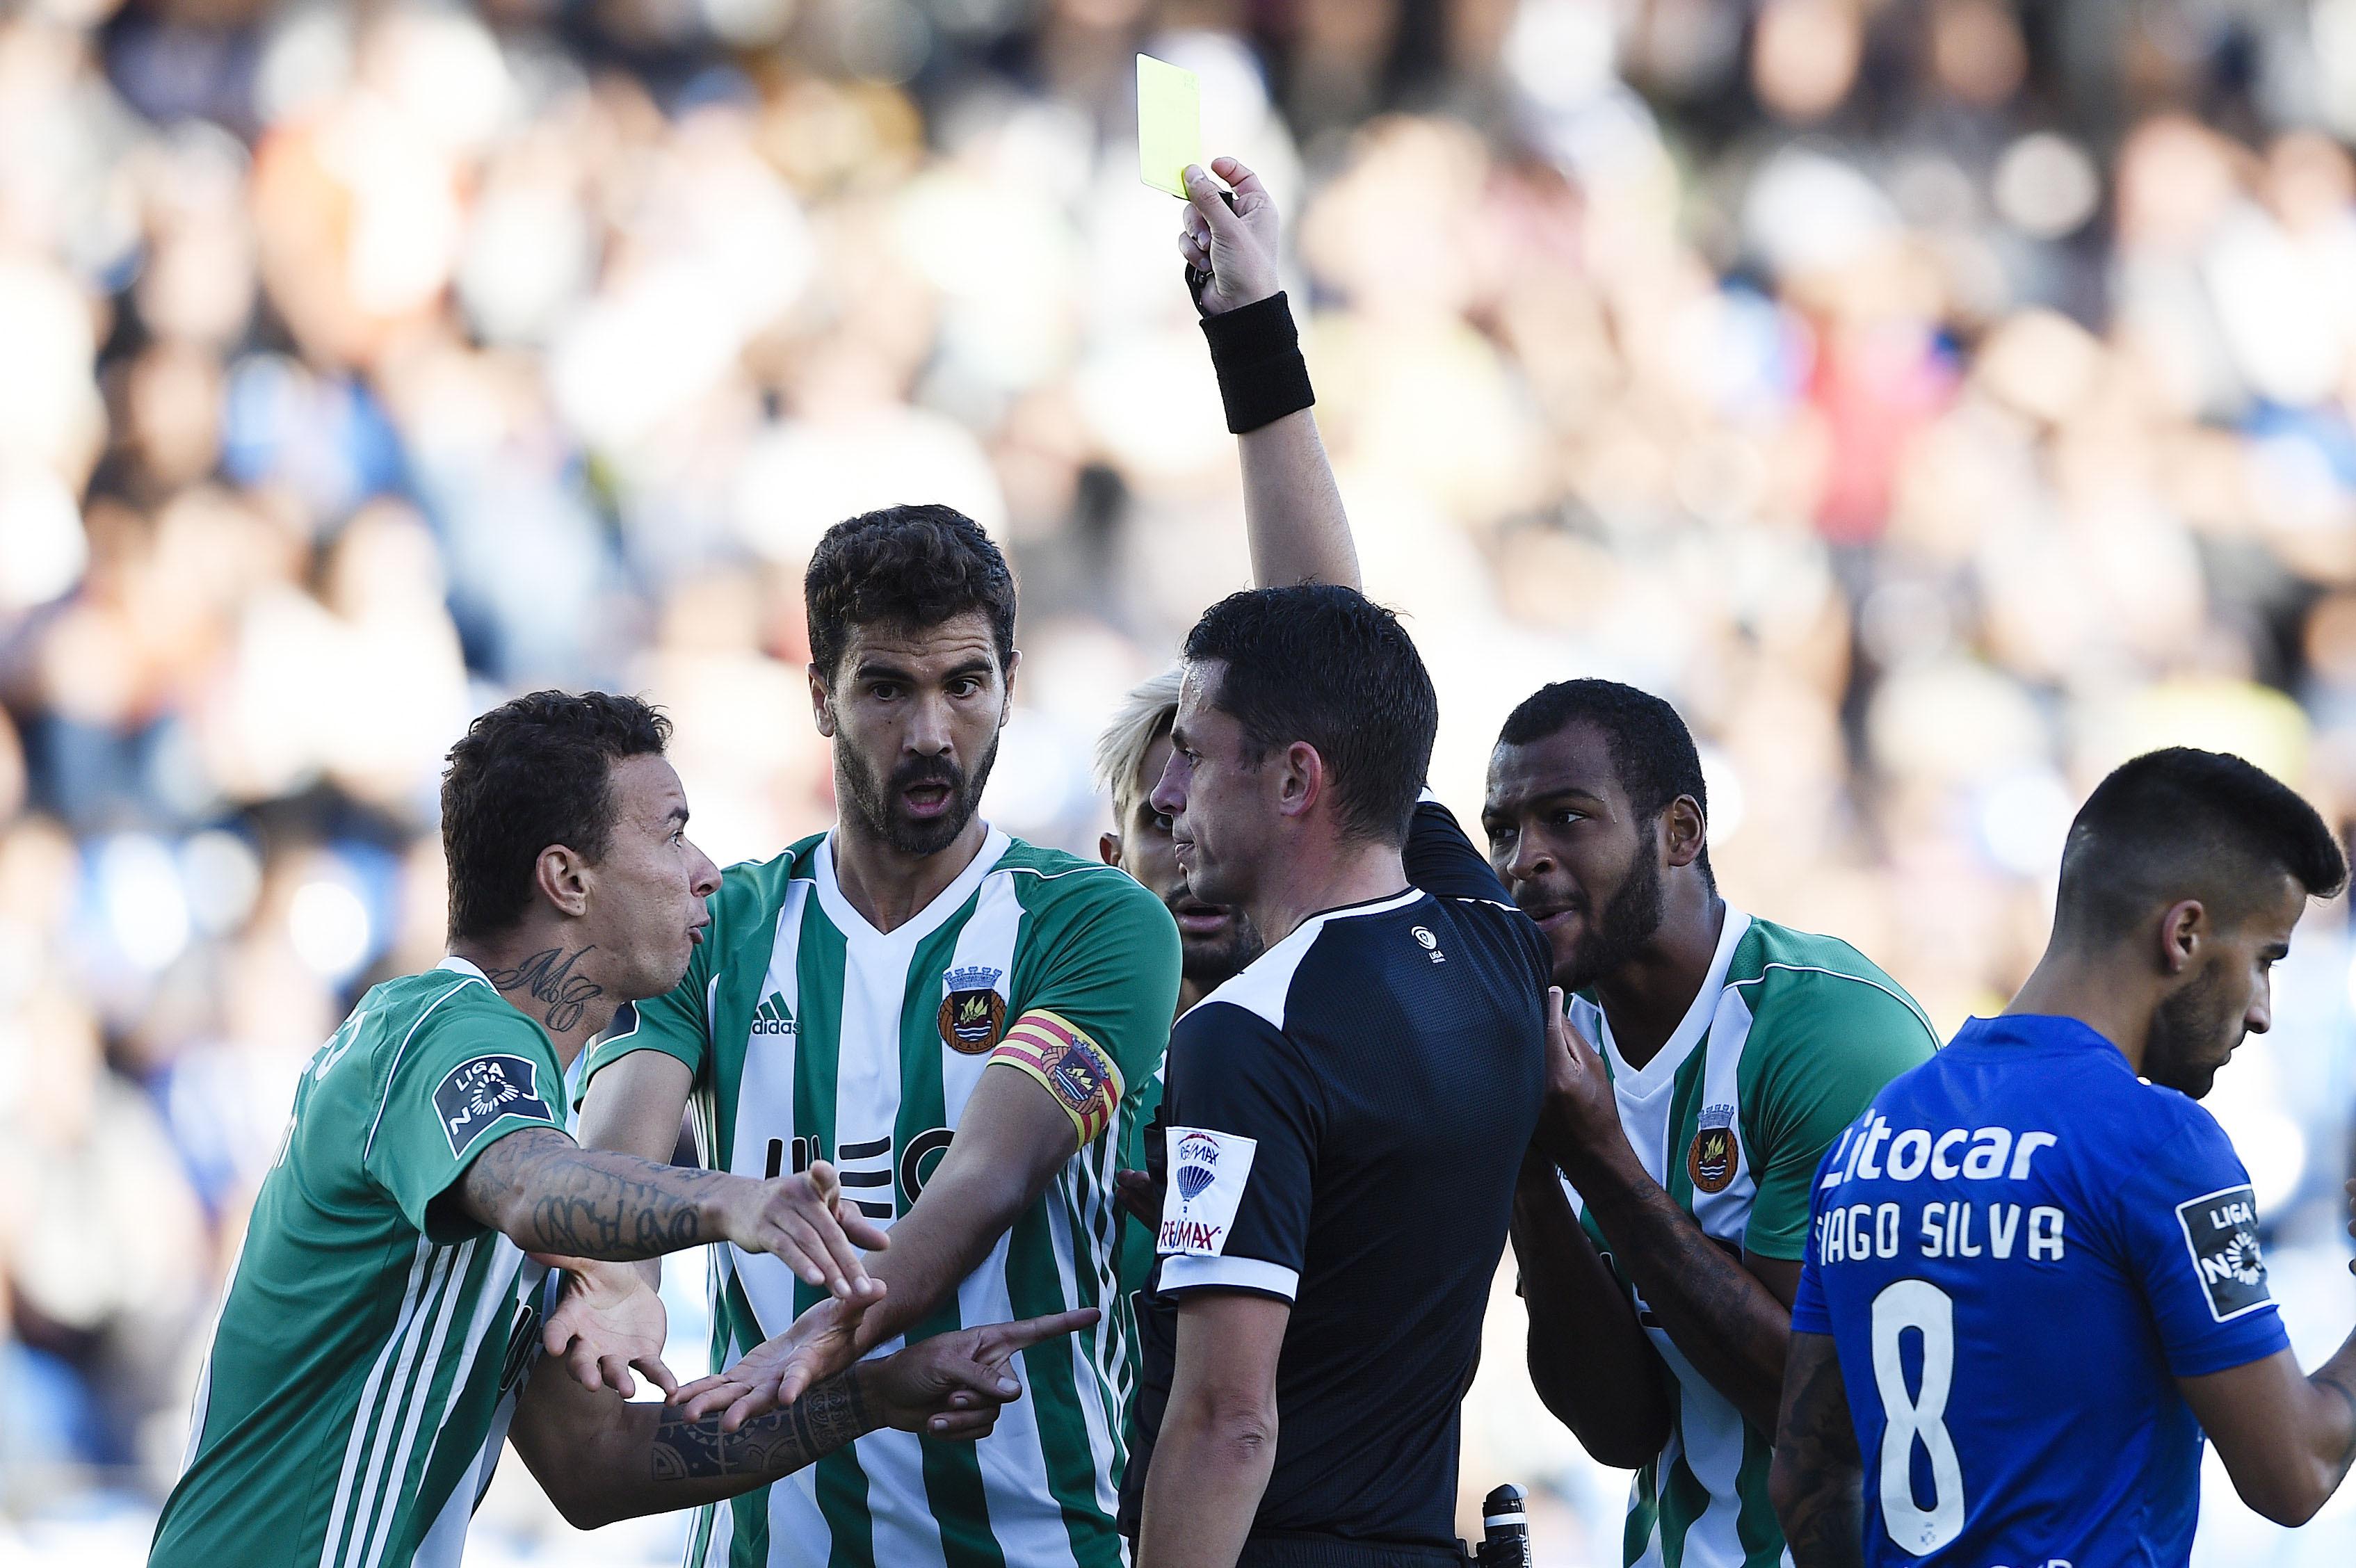 Feirense bate Rio Ave, em jogo com três expulsões e um penálti falhado